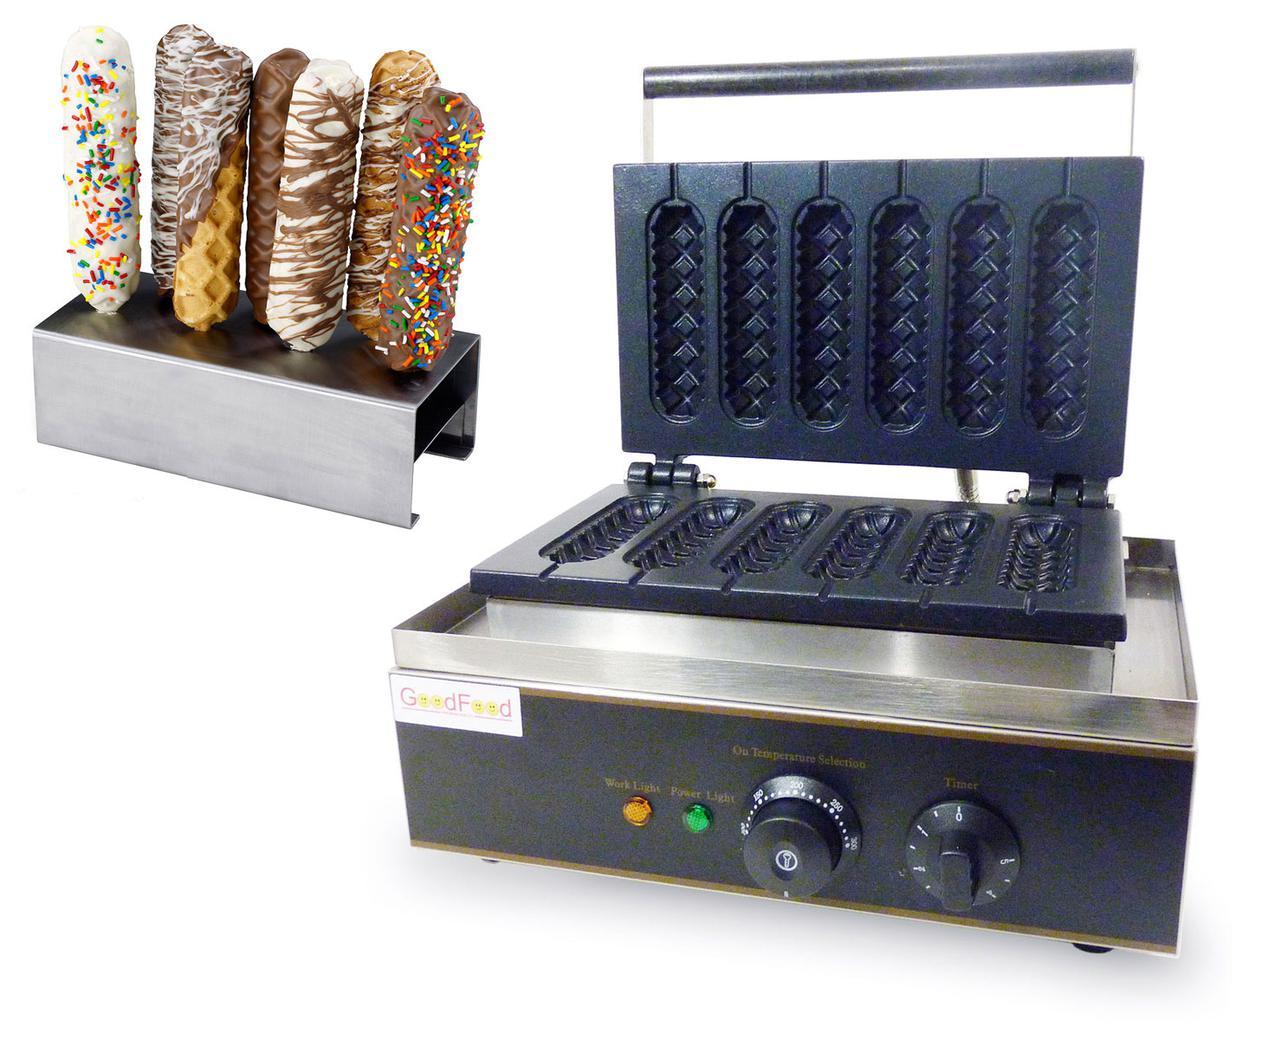 Апарат КОРН-ДОГИ для приготування вафлі на паличці GoodFood CM6